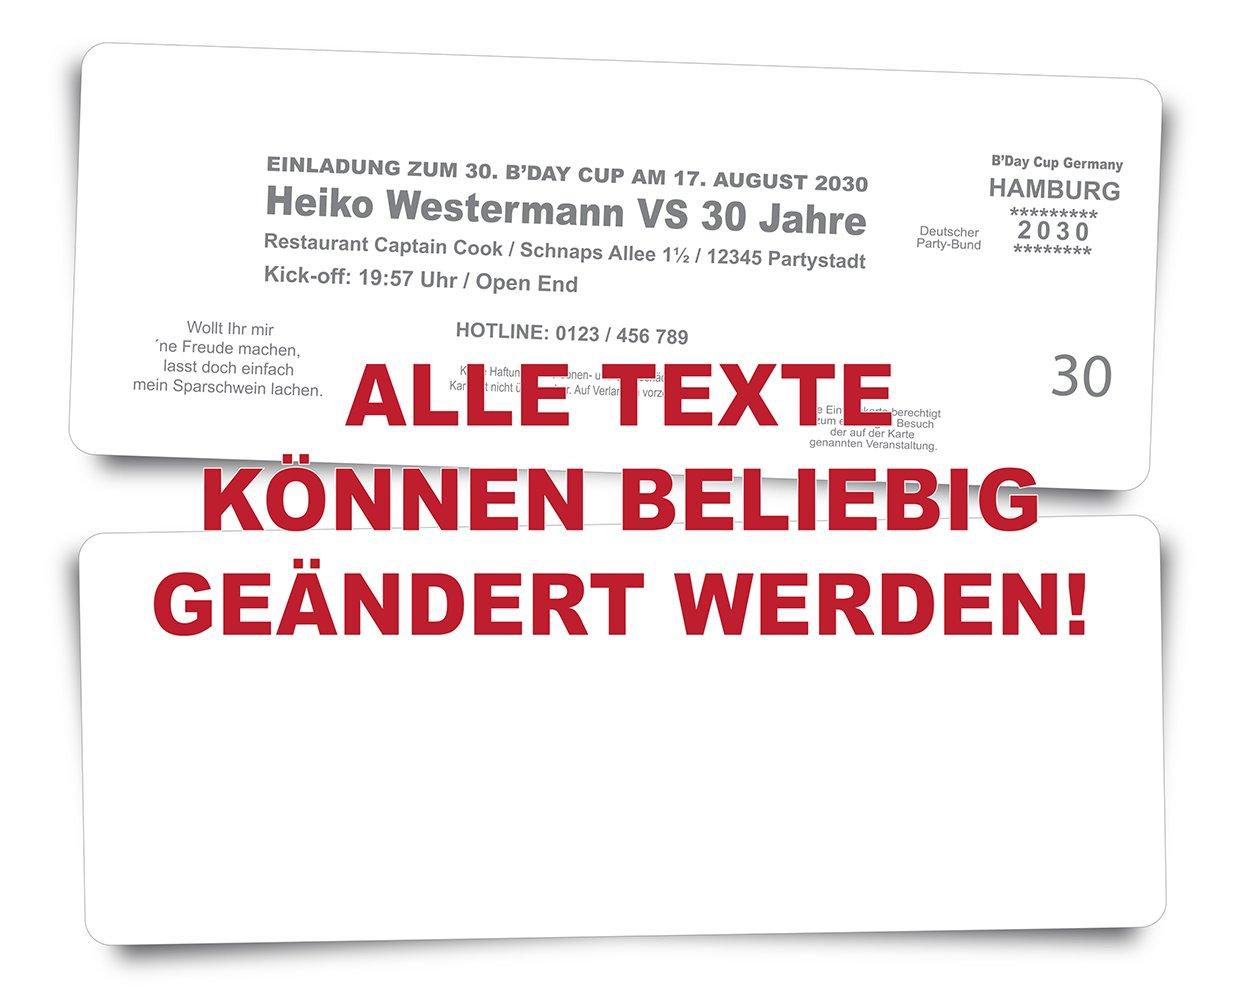 80 Geburtstagskarten Einladungskarten Einladungskarten Einladungskarten als Fussballticket -grau - Fussballkarten Ticket Eintrittskarte mit Abriss-Coupon B076GHW7WY | Online Shop Europe  b7eb0a